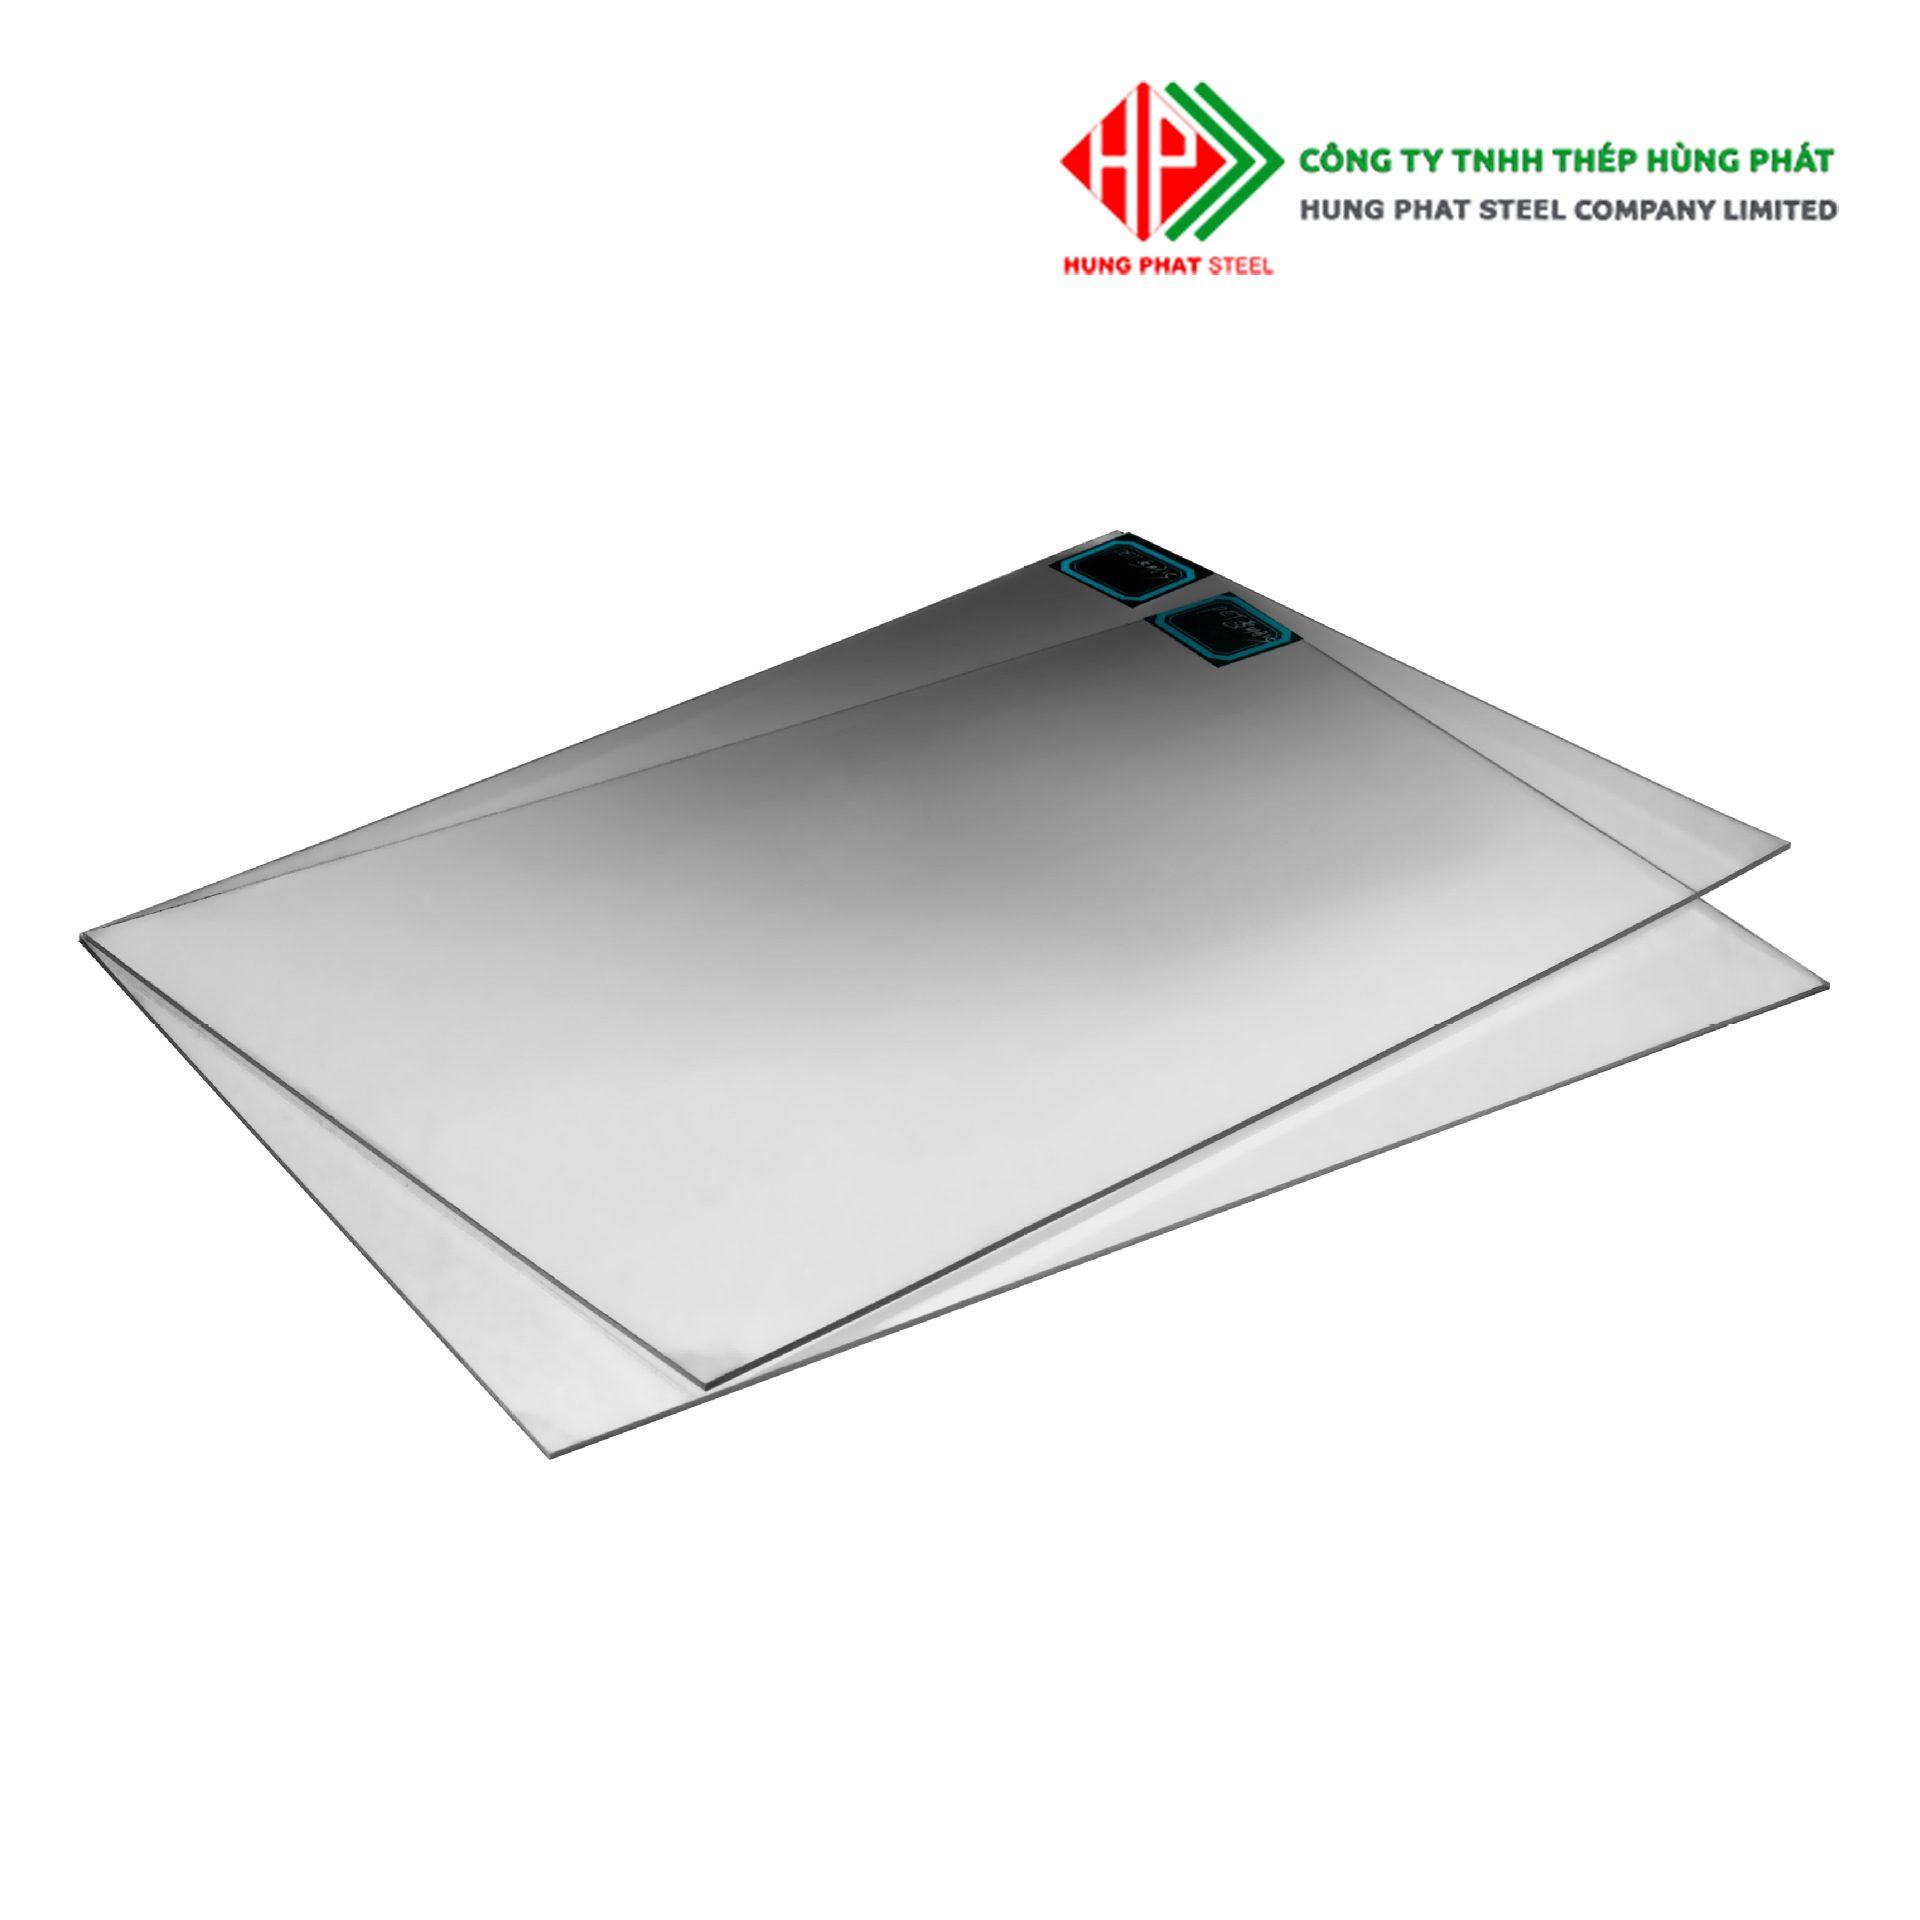 Tấm Poly (tấm nhựa PC) chống tĩnh điện giá tốt tại TPHCM